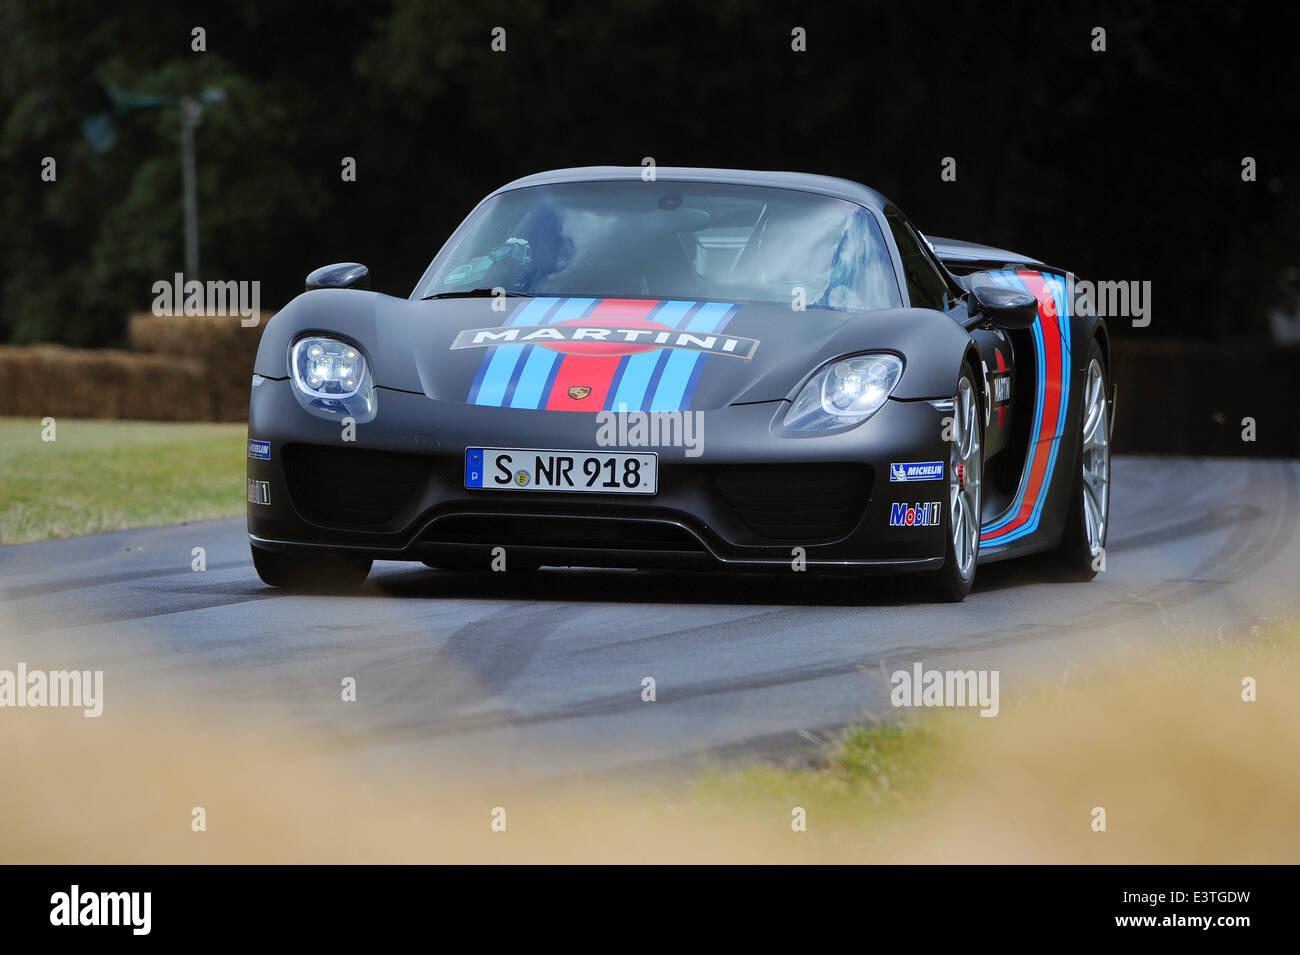 Goodwood UK 28th June 2014 Porsche 918 Spyder Weissach Package With A